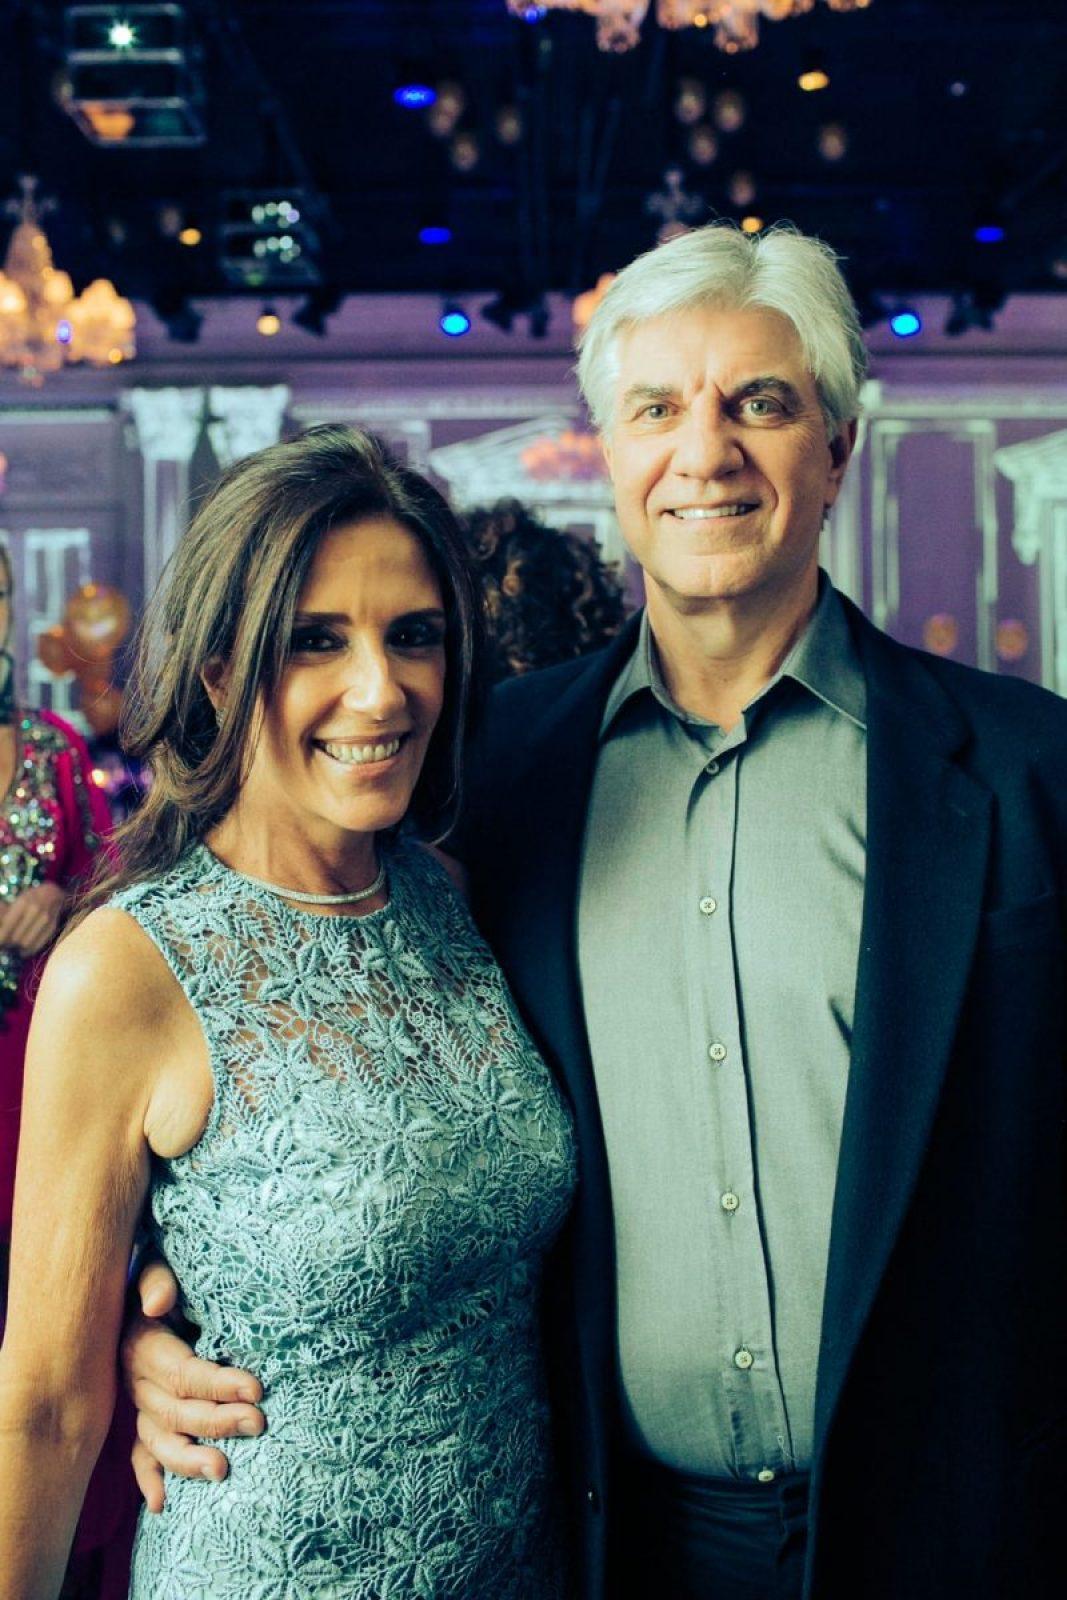 Gisela Prochaska e o namorado Nelson Girardi no casamento de Roberto Justus e Ana Paula Siebert.